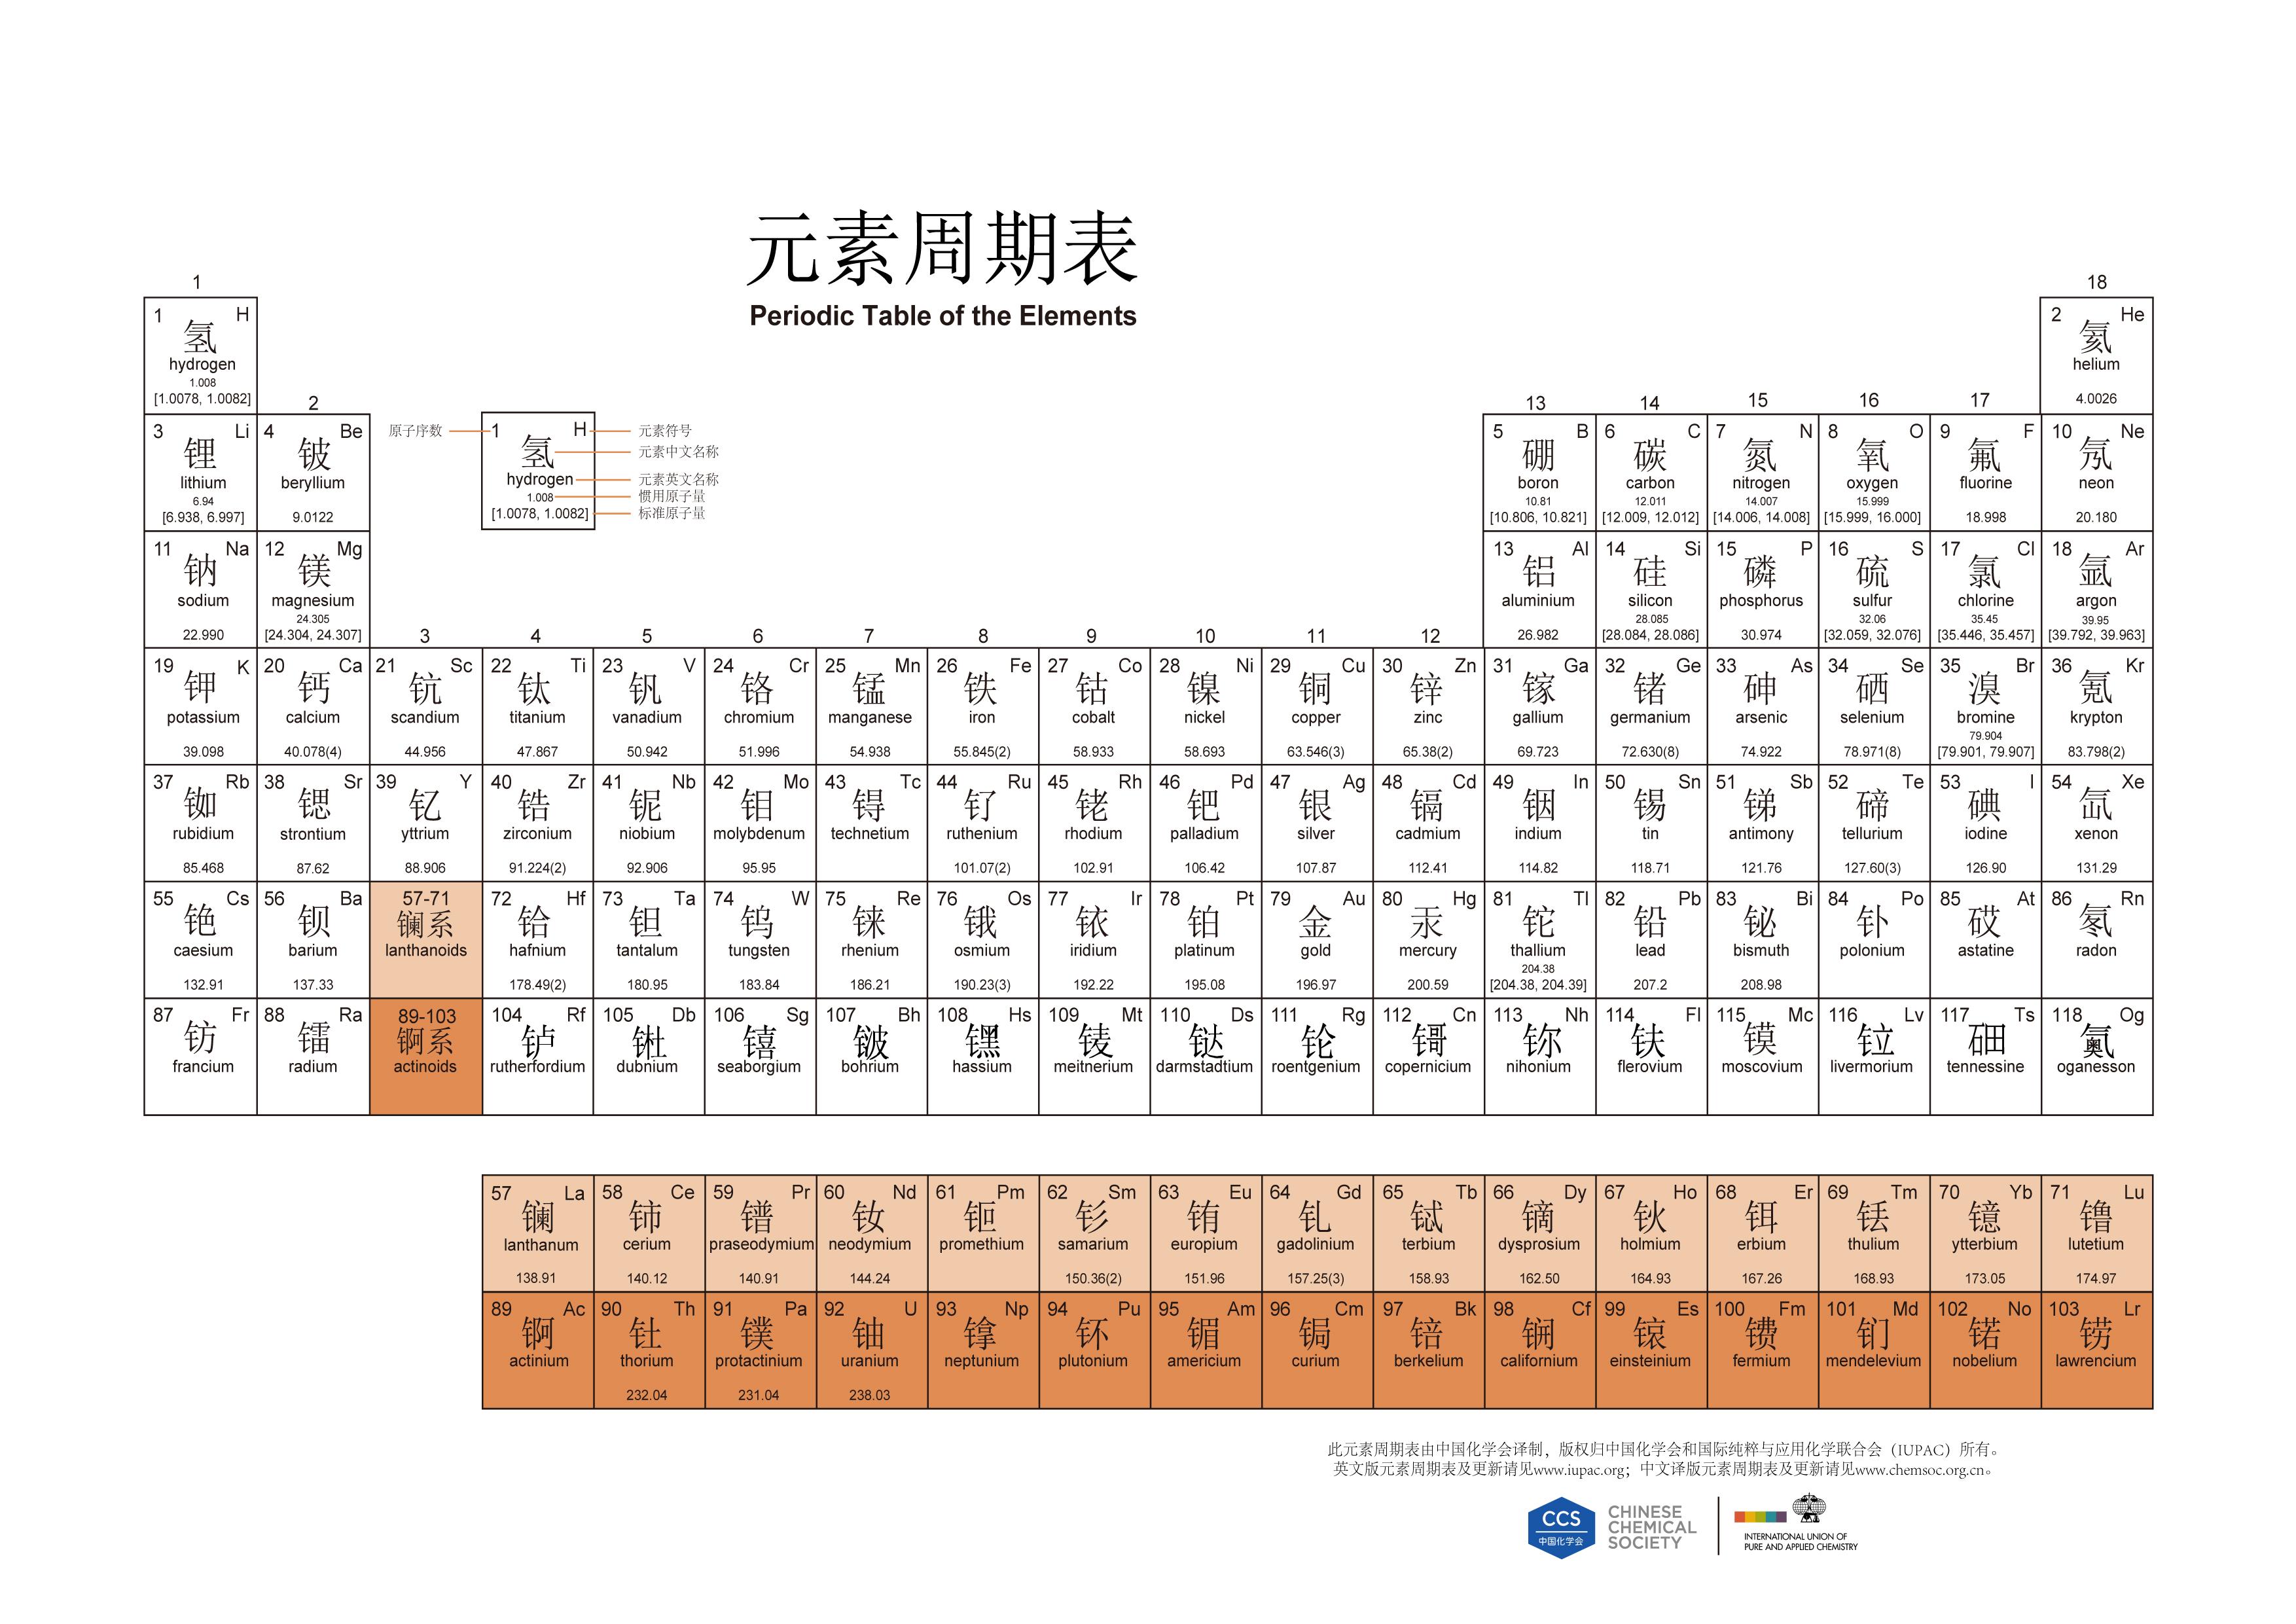 元素周期表1_画板 1.jpg